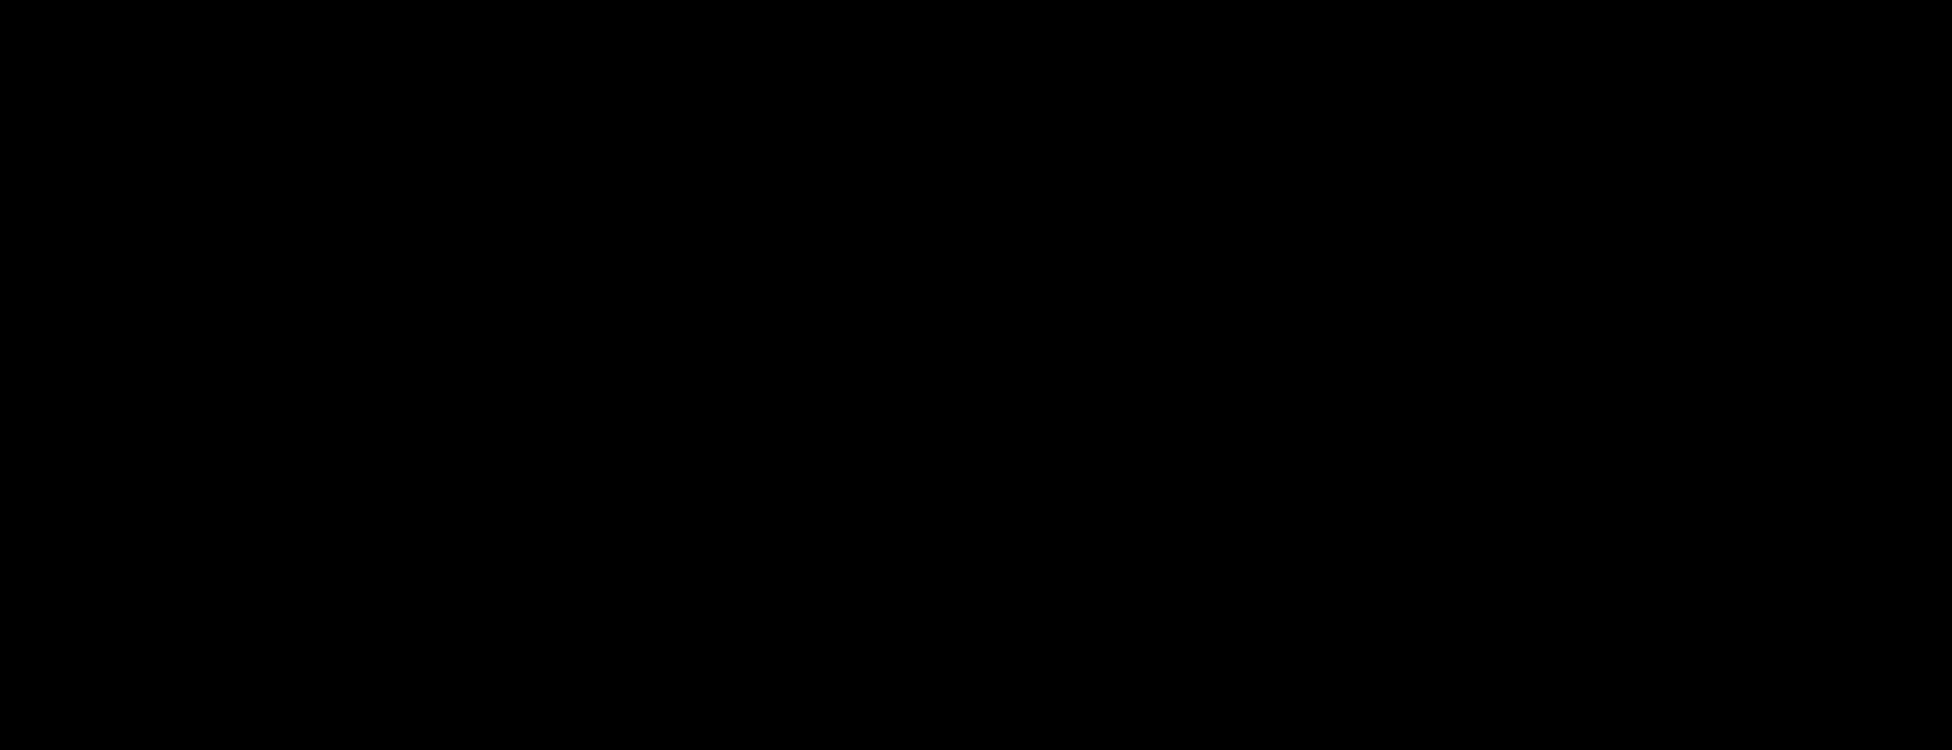 Hd silhouette rose black. Flower clipart logo